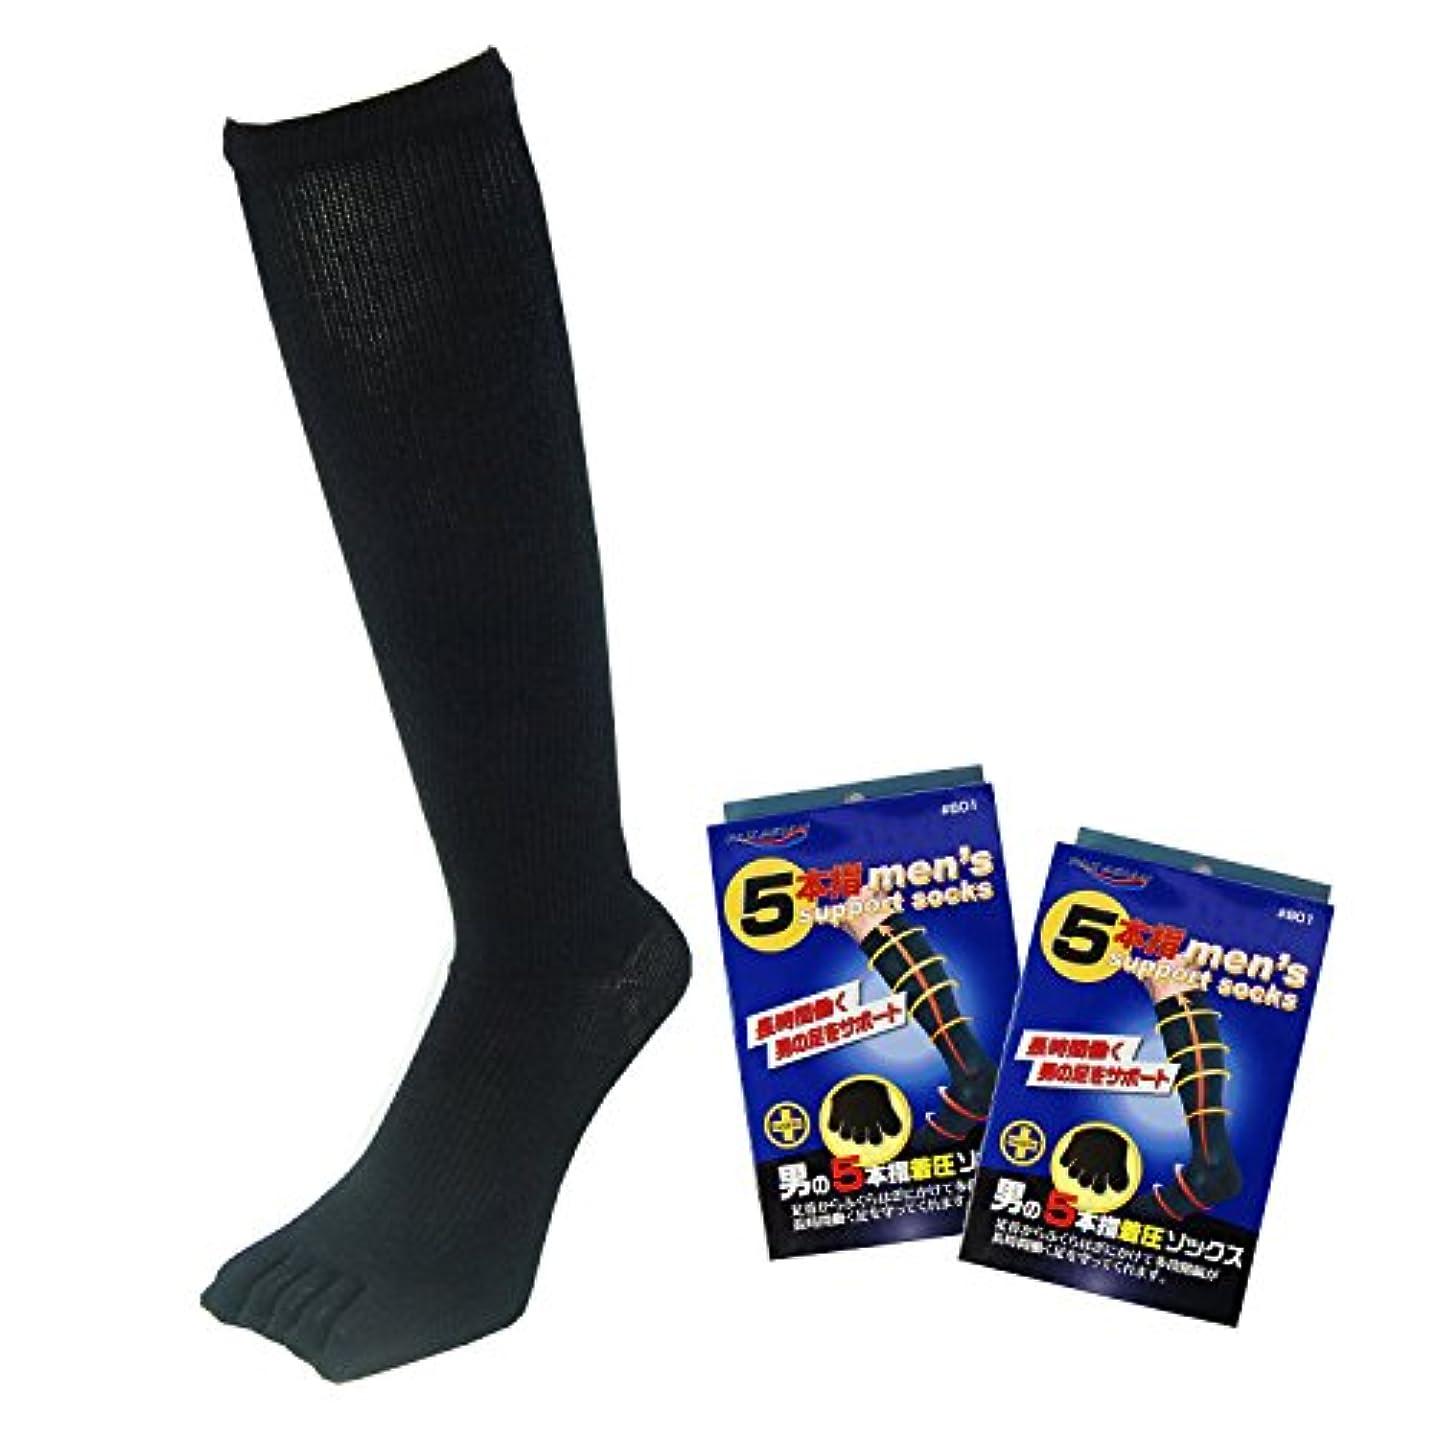 爆風ハーフインフレーションPAX-ASIAN 紳士 メンズ 着圧靴下 ムクミ解消 抗菌防臭 サポート 五本指ハイソックス 黒色 ( ブラック ) #801 2足組